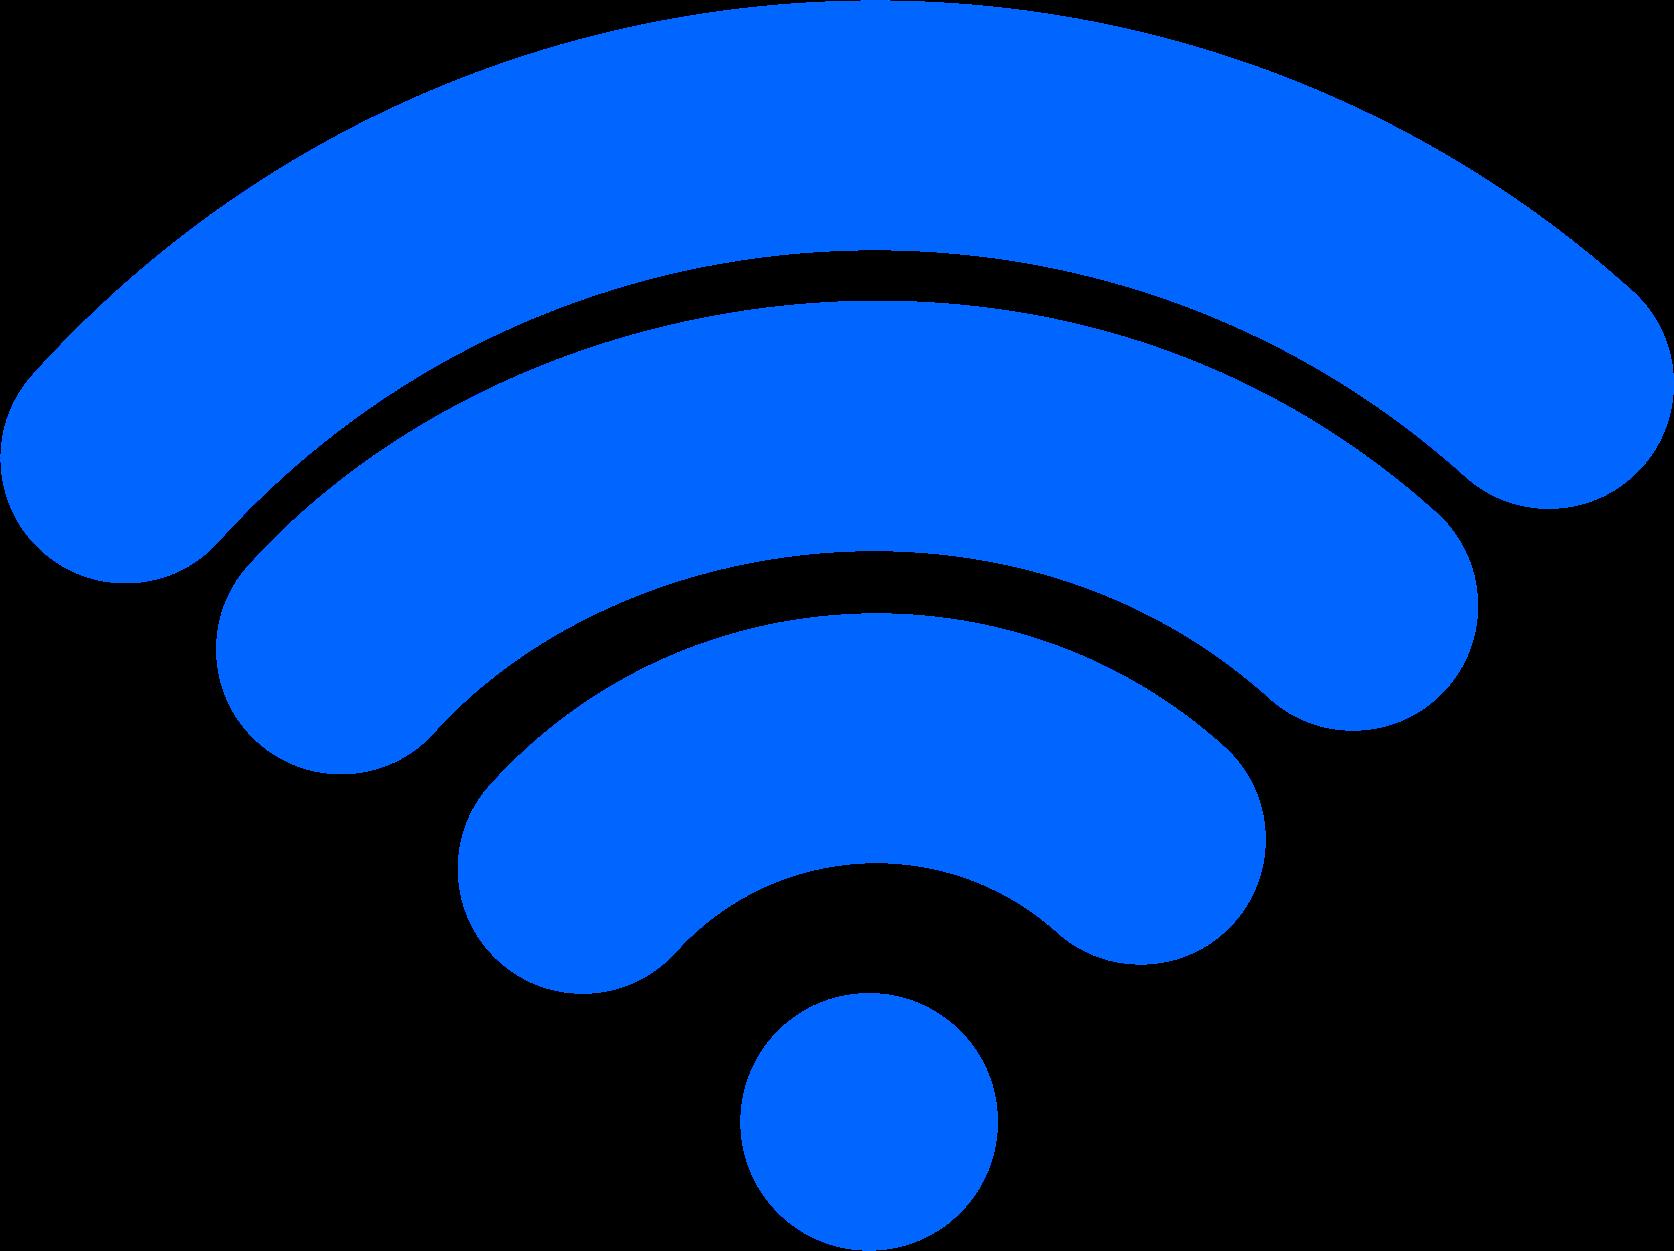 È possibile conoscere la password del Wifi a cui siamo connessi senza essere root in Android? Spieghiamo come 2